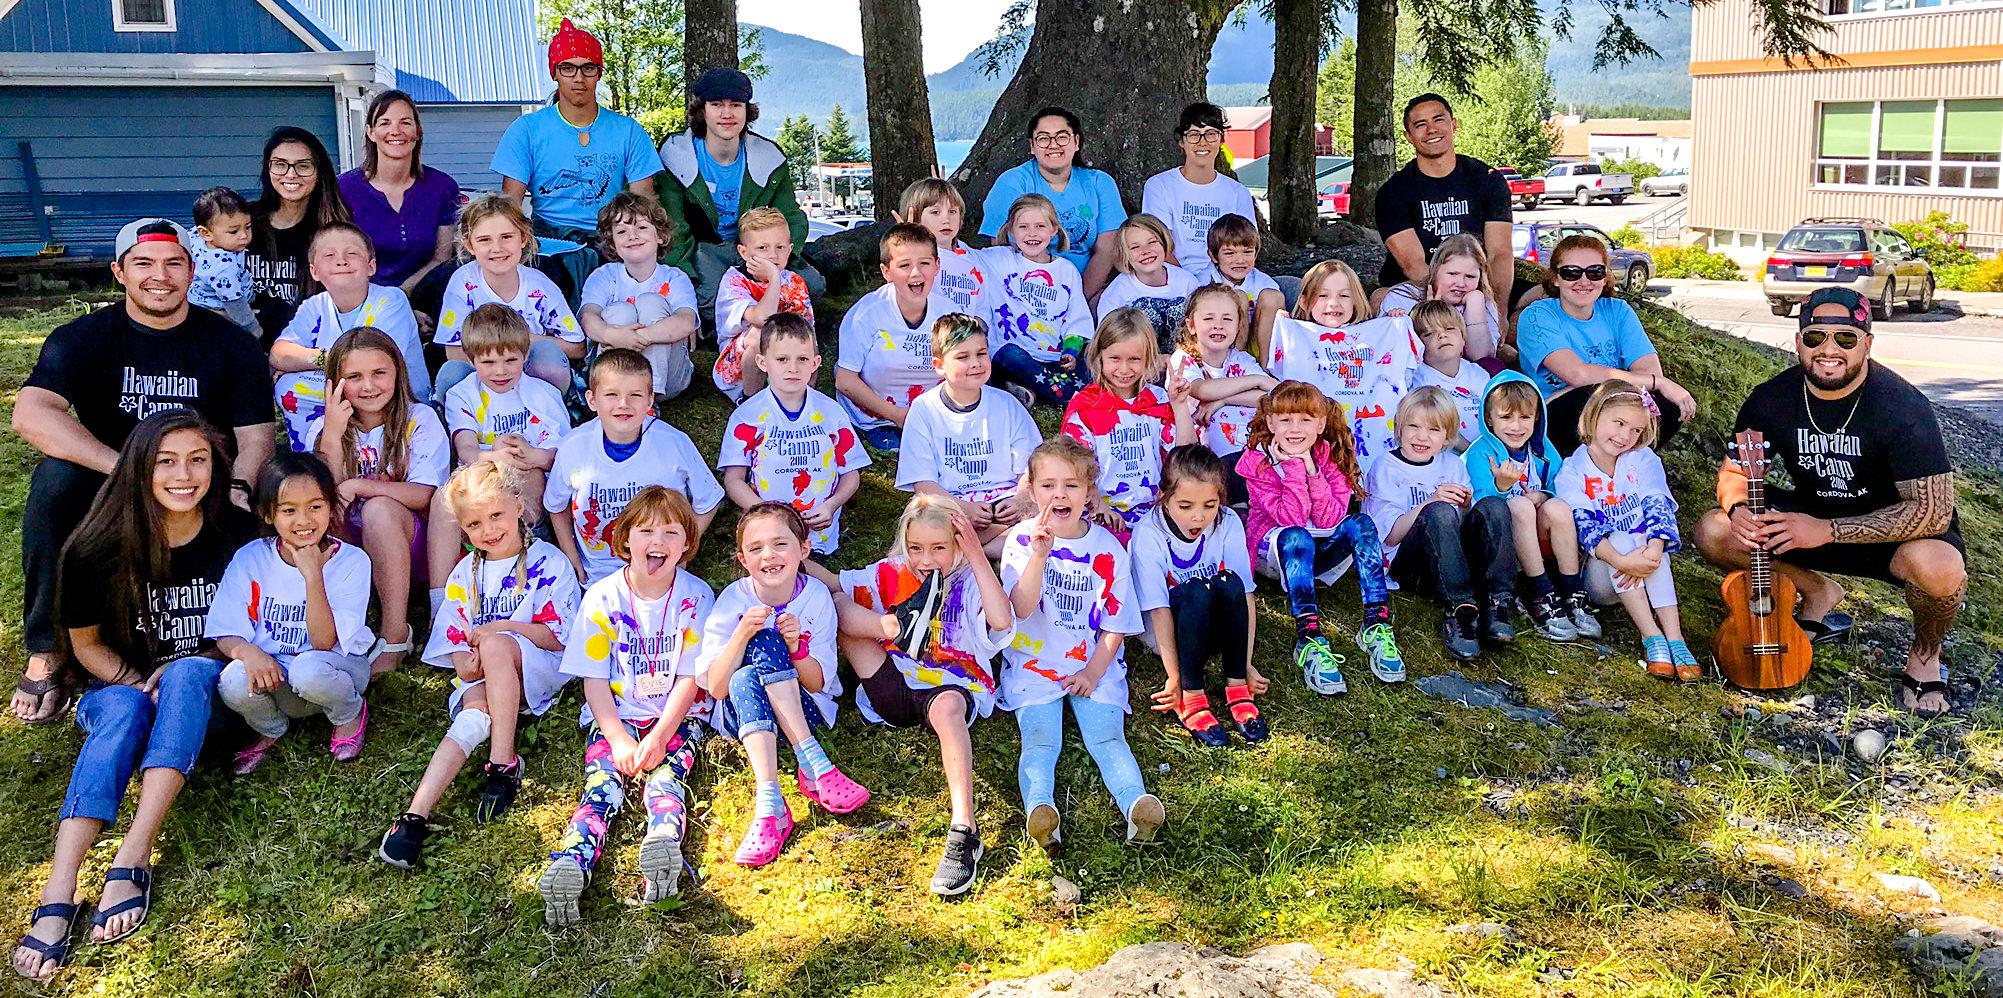 Hawaiian Camp - WAITLIST AVAILABLE(ages 6-8)